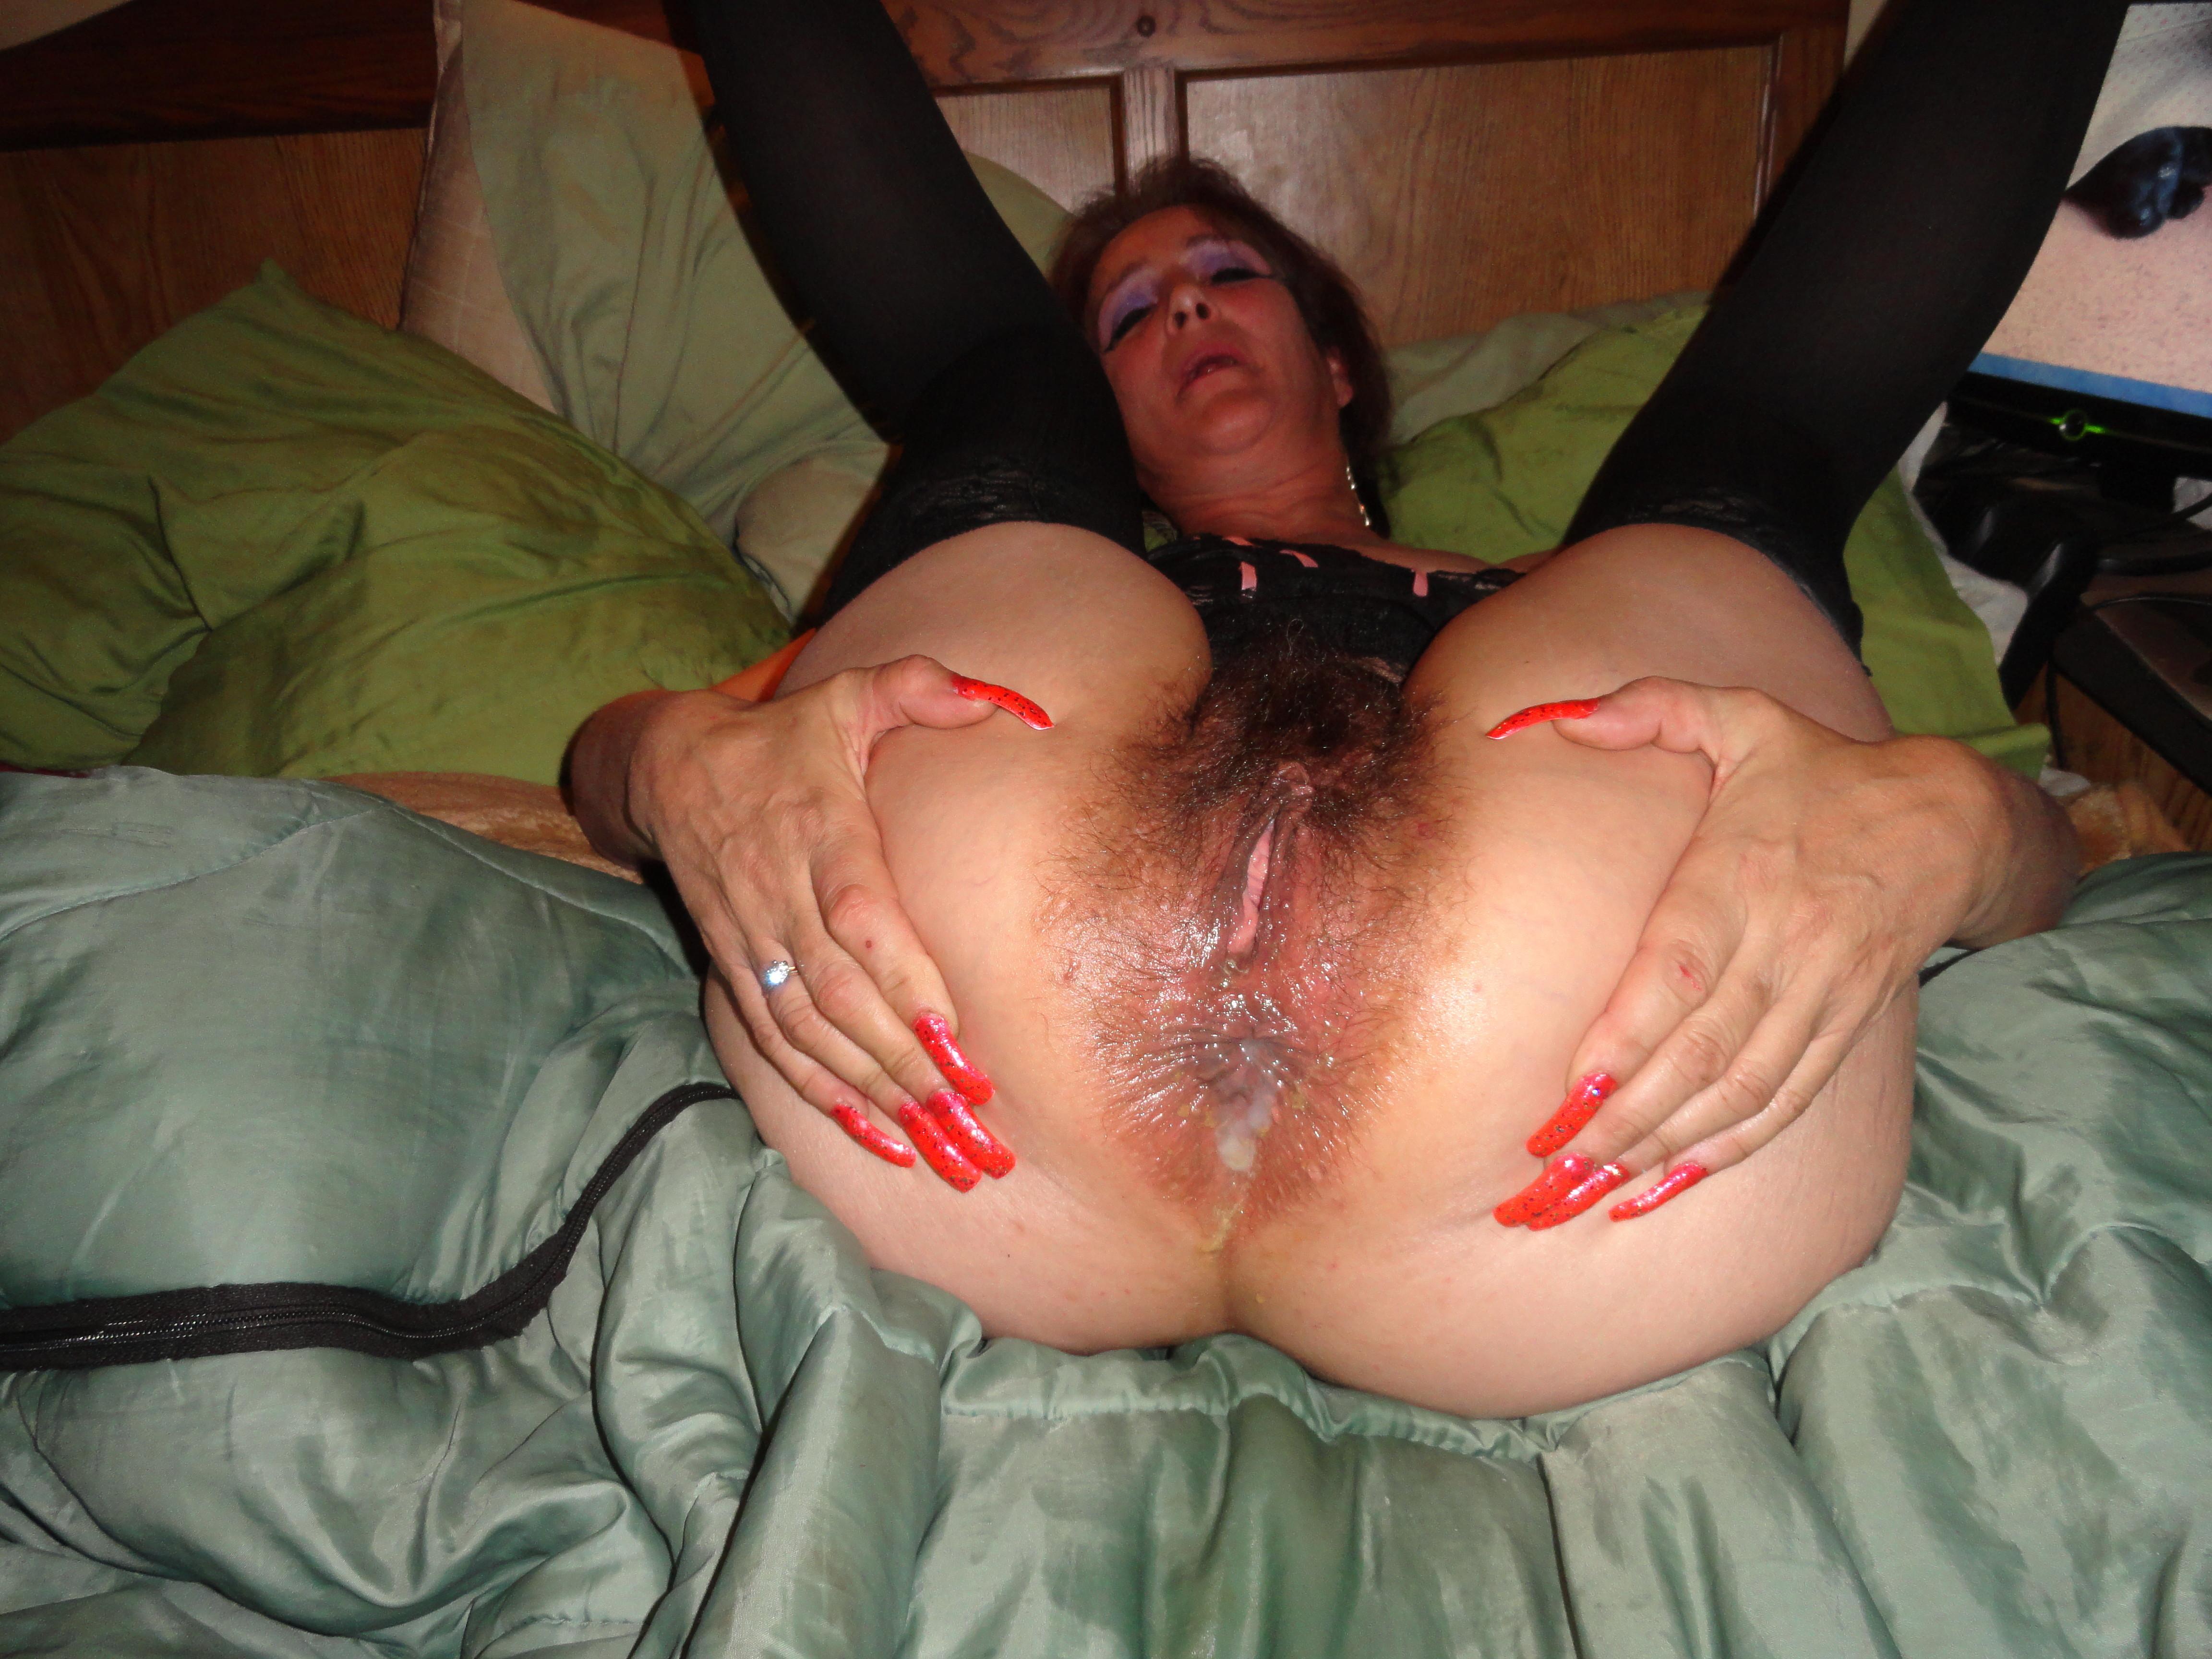 Порно пожилых женщин с грязными анальными отверстиями, фото секса и порно сайт